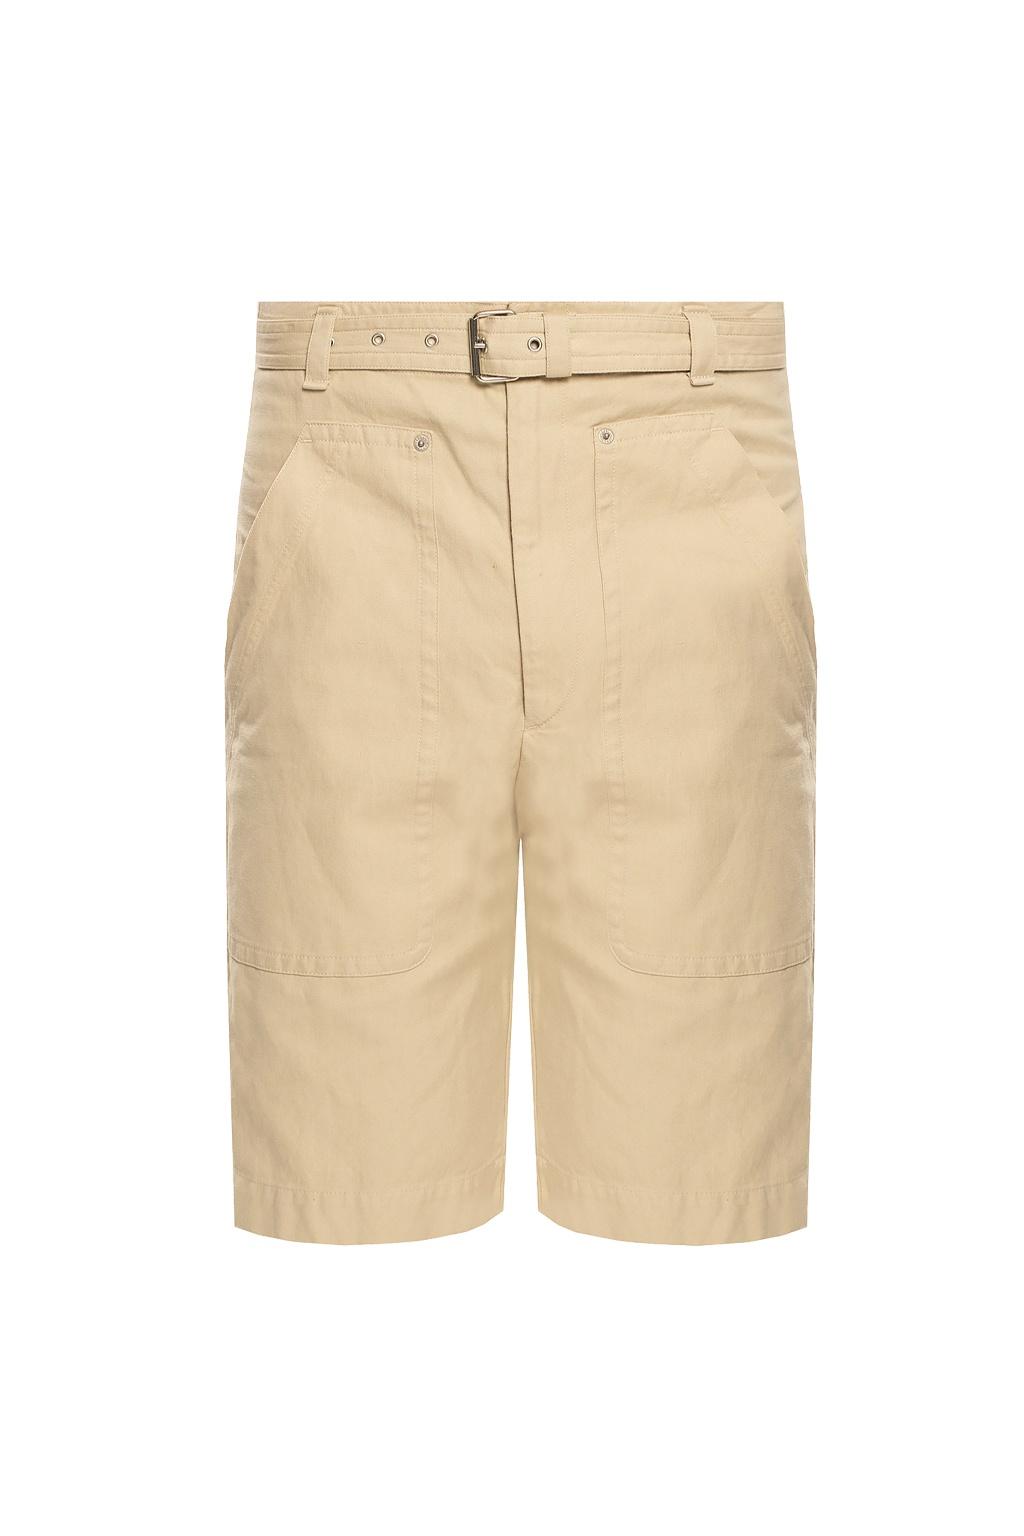 Shorts With Pockets Isabel Marant Vitkac Us